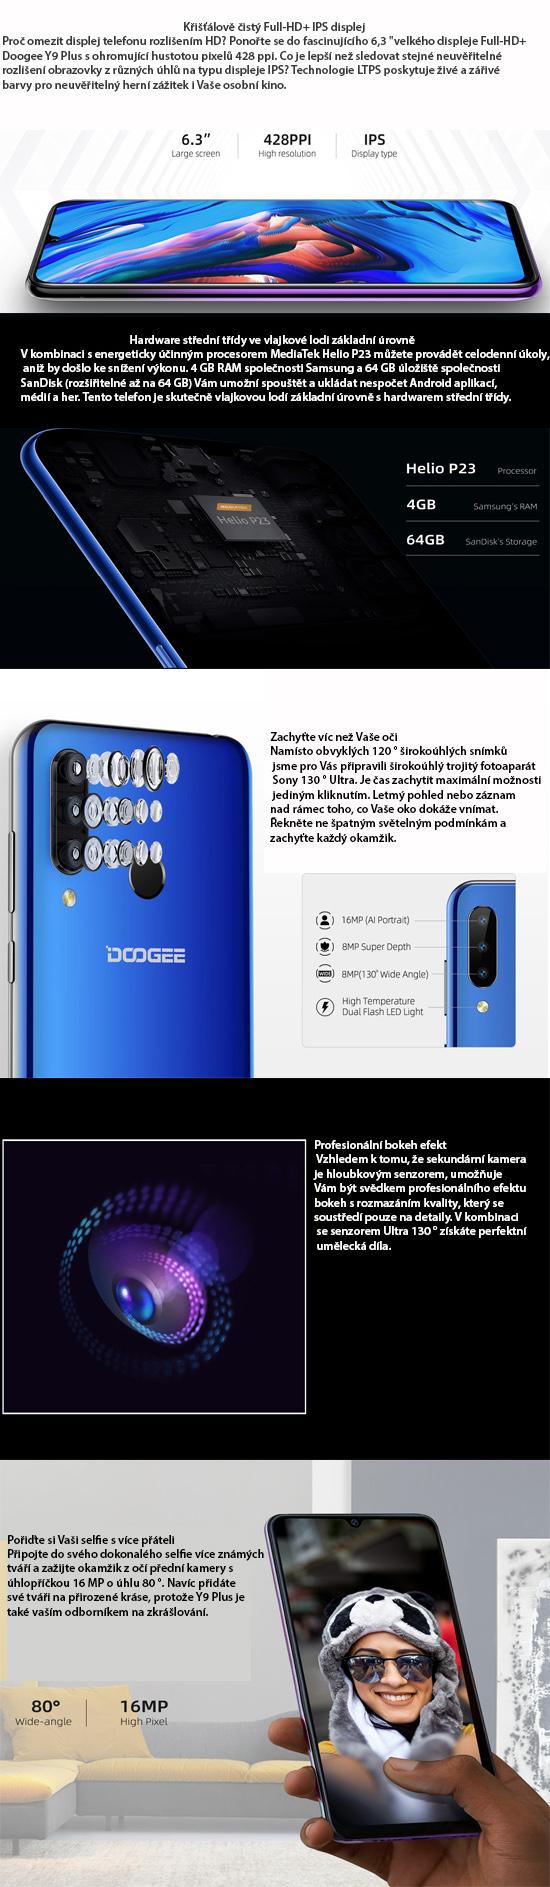 Doogee Y9 plus